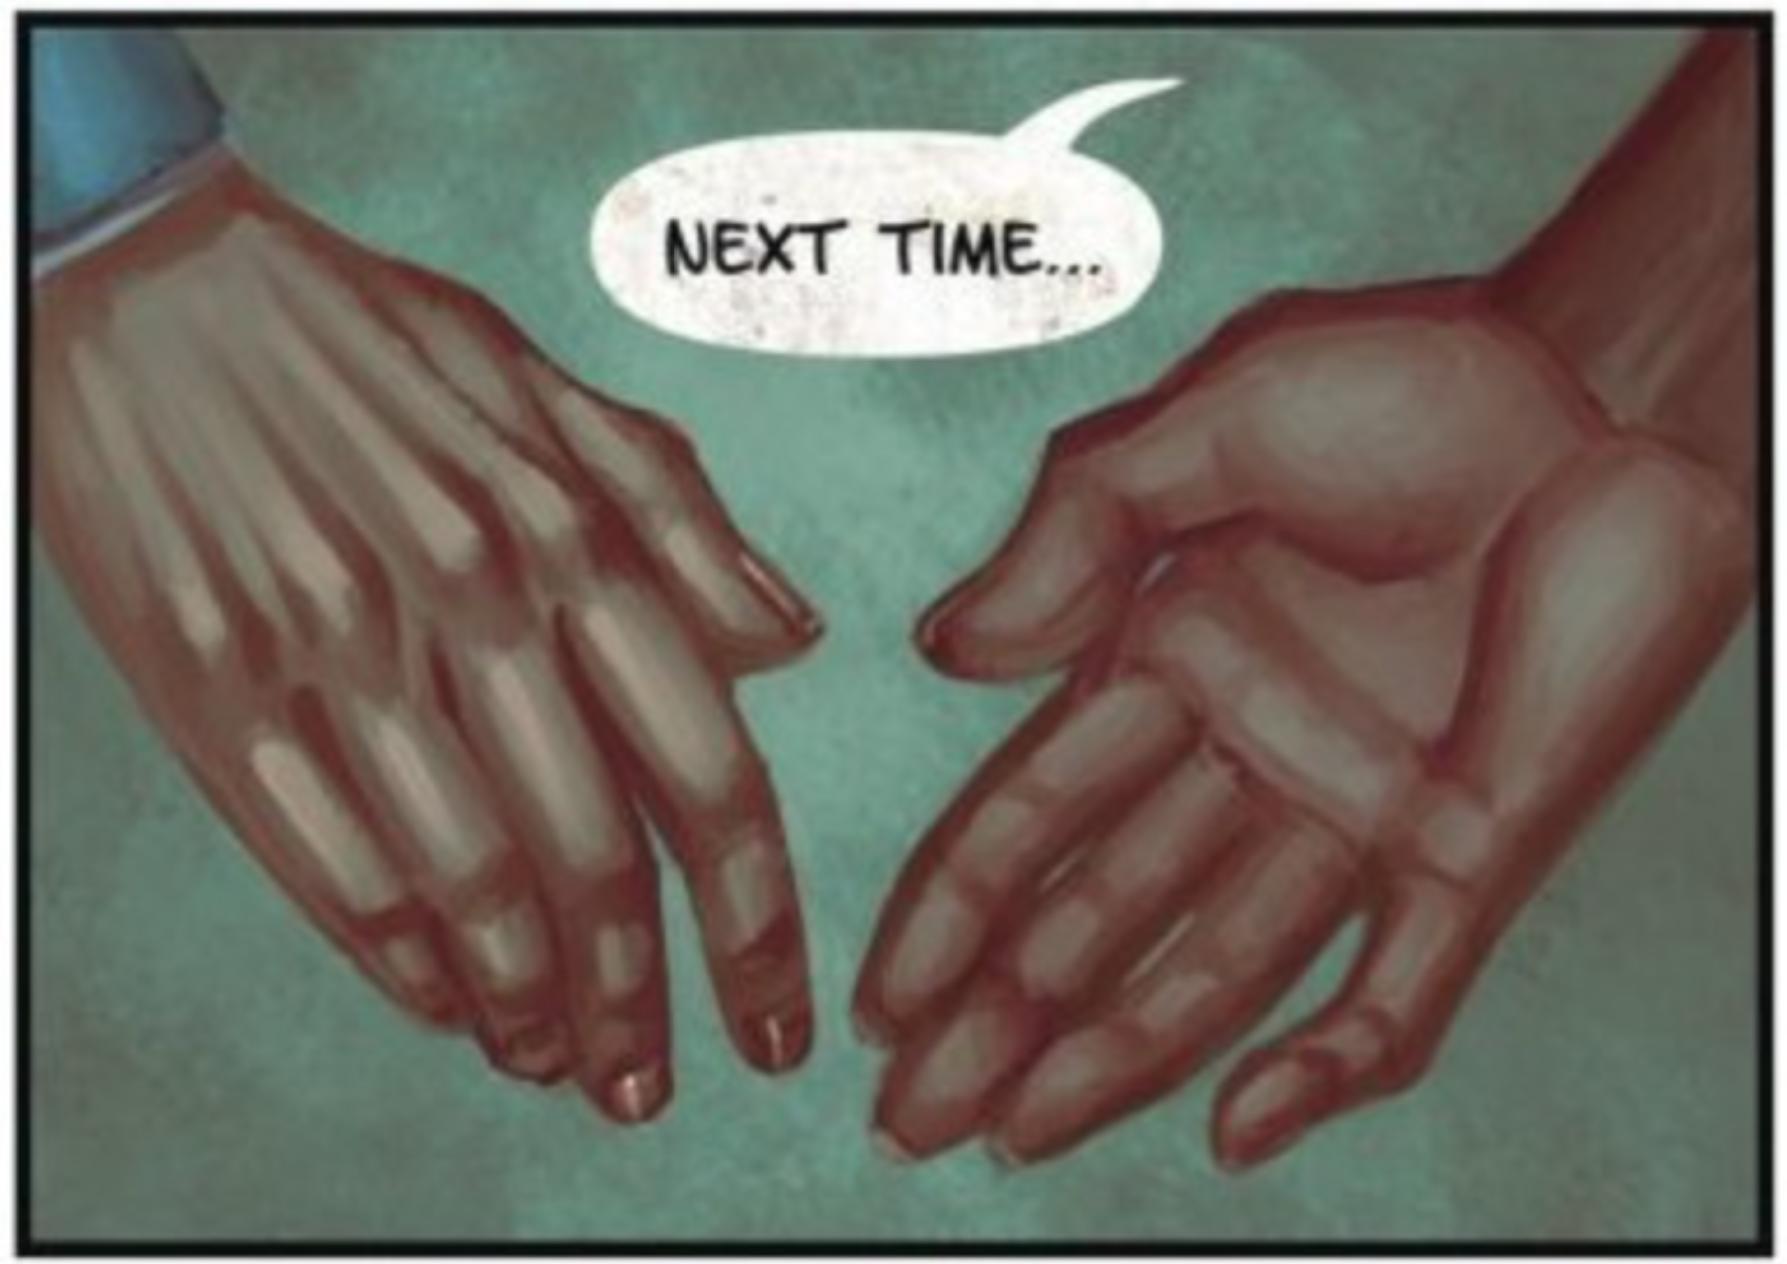 Leslie hands